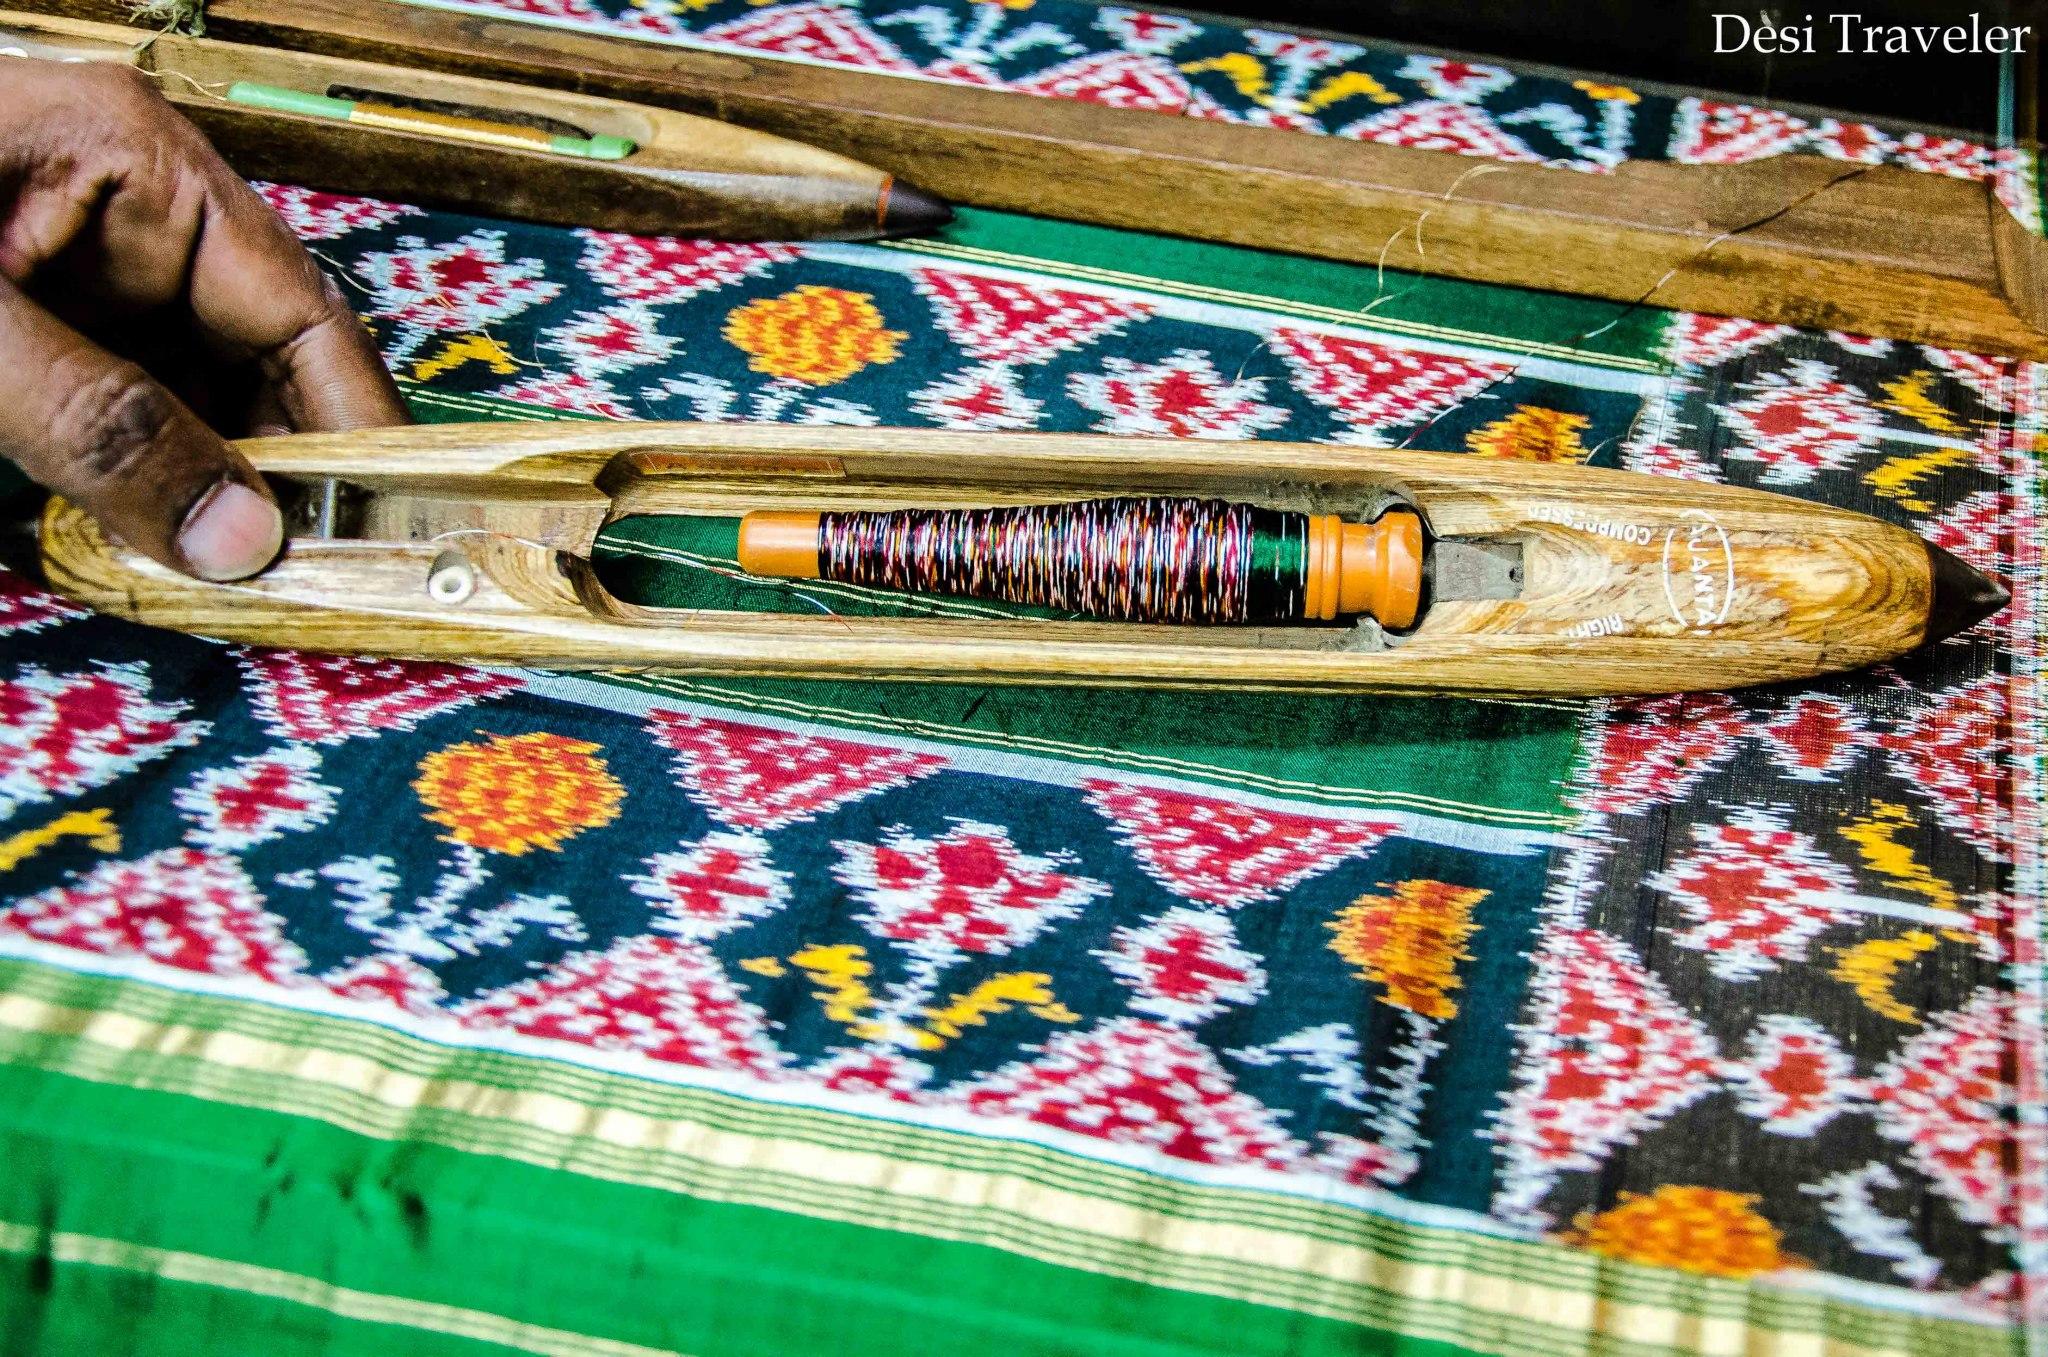 Bobbin used in weaving in Pochampally Telangana